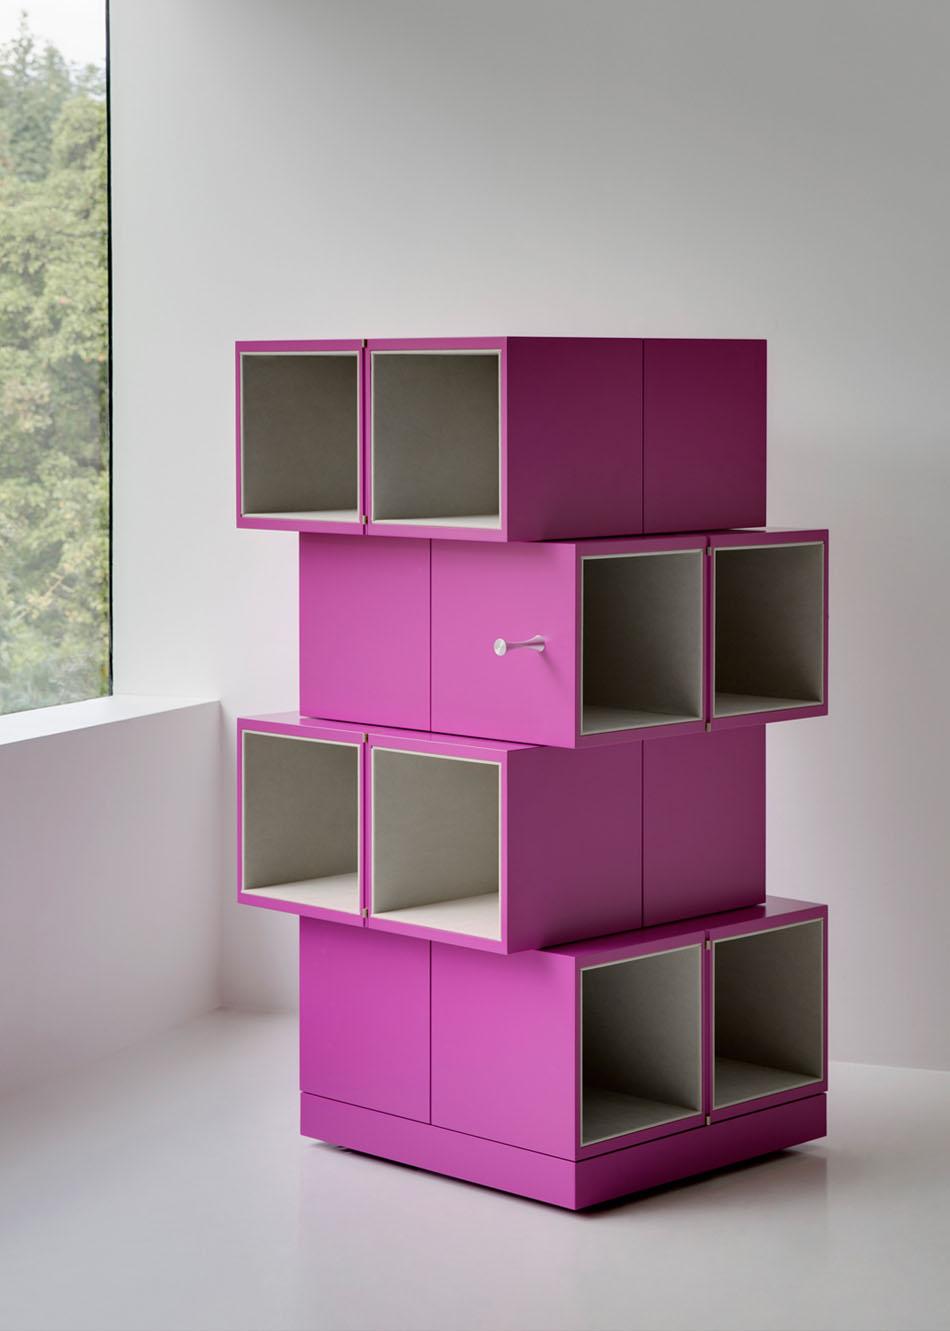 Дизайнерский шкаф в интерьере дома: высота шкафа Cubrick Sixteen - 130 см